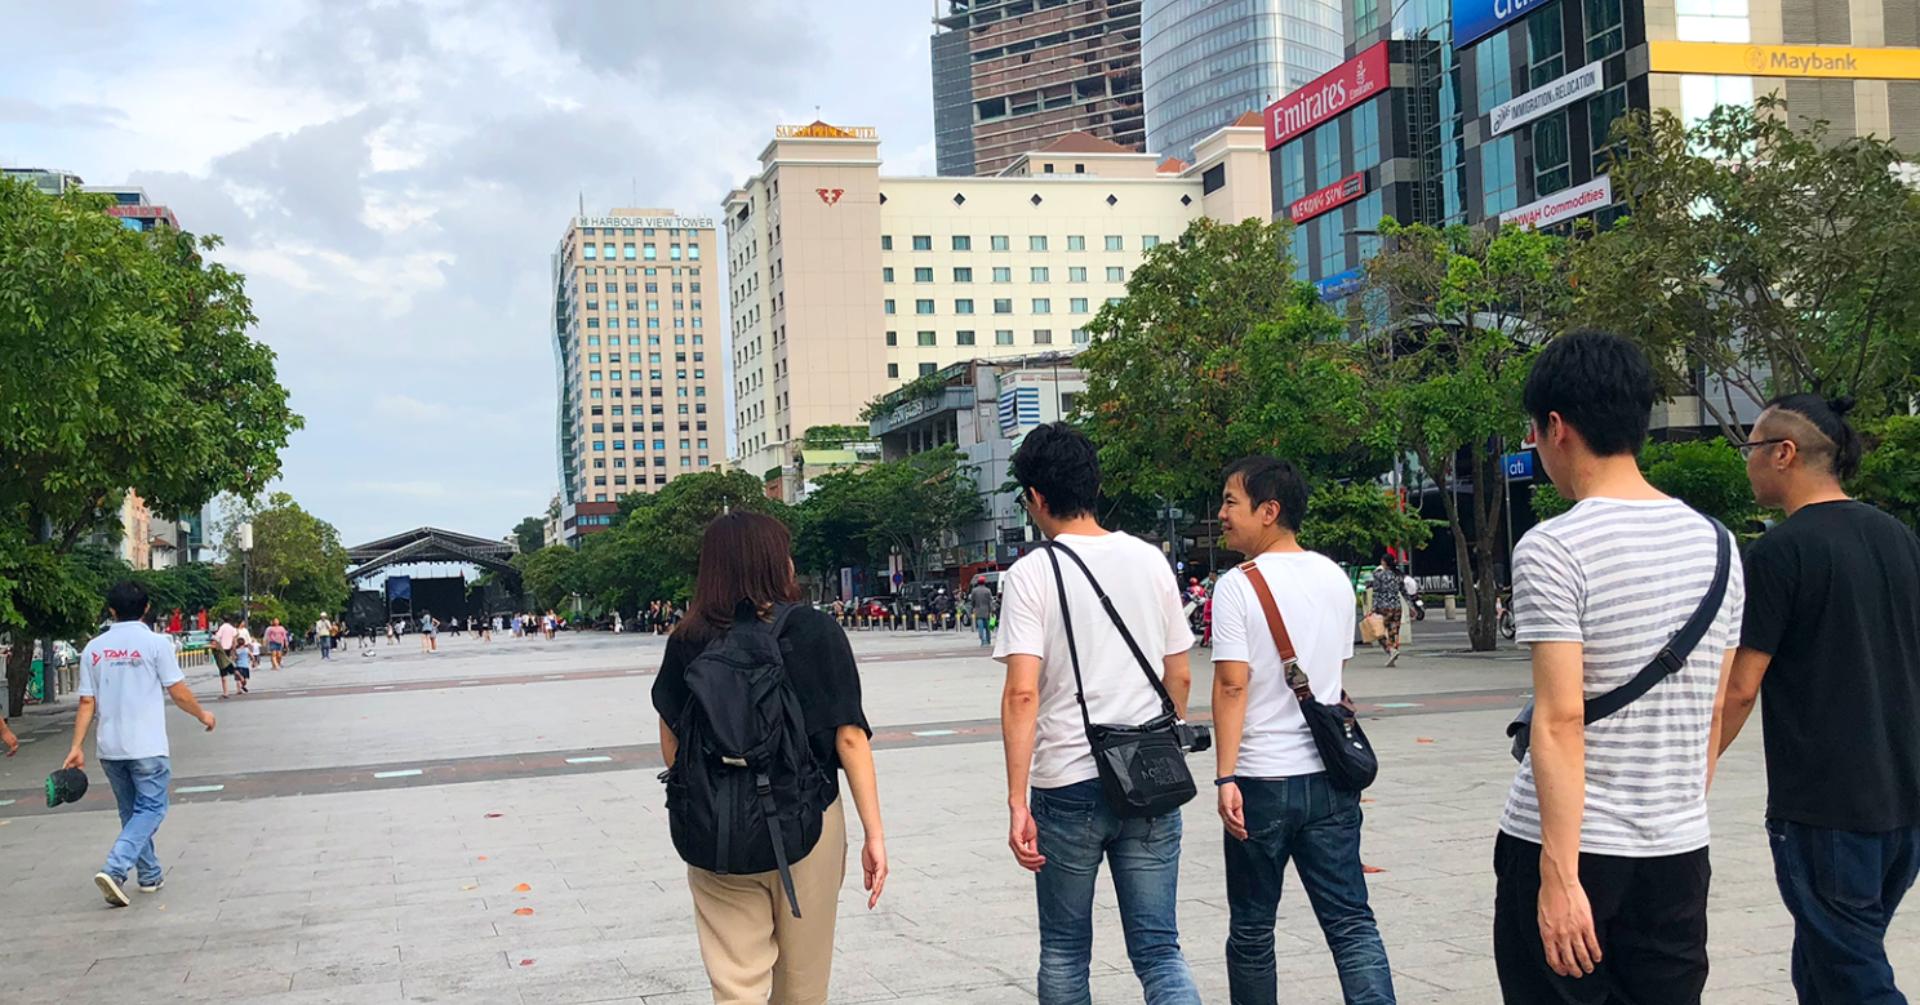 「STREAMED」を支えるオペレーションを知る!エンジニアのベトナム視察レポ。